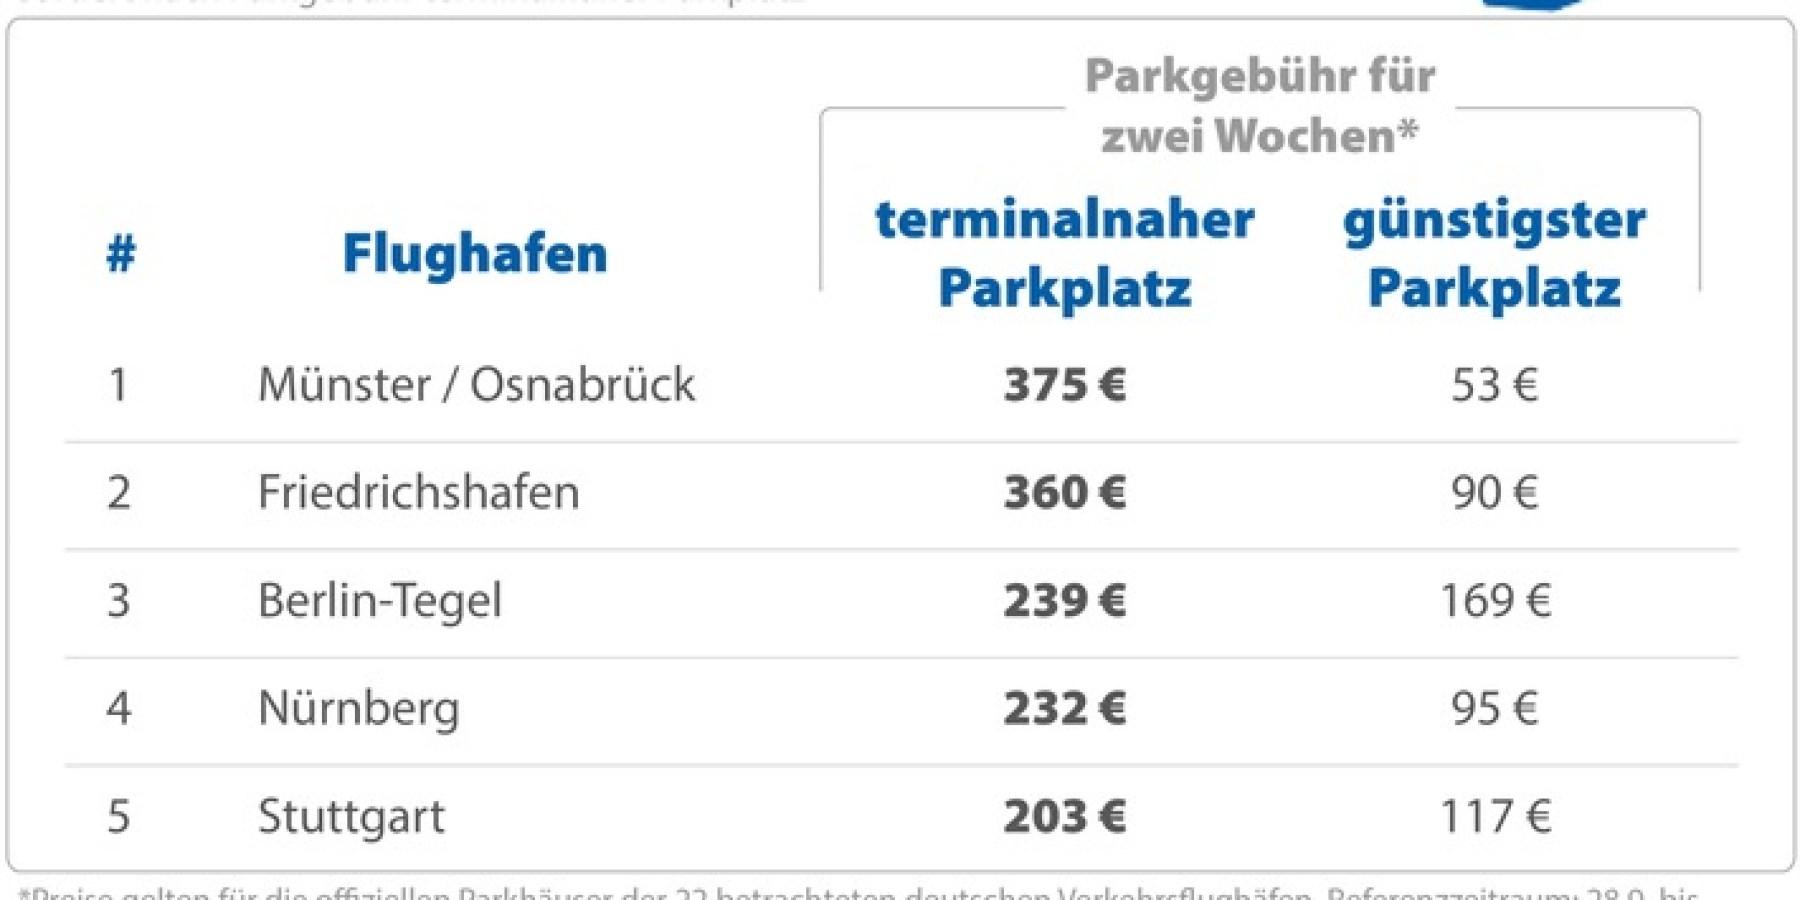 Parken direkt am Terminal kostet bis zu 375 Euro für zwei Wochen